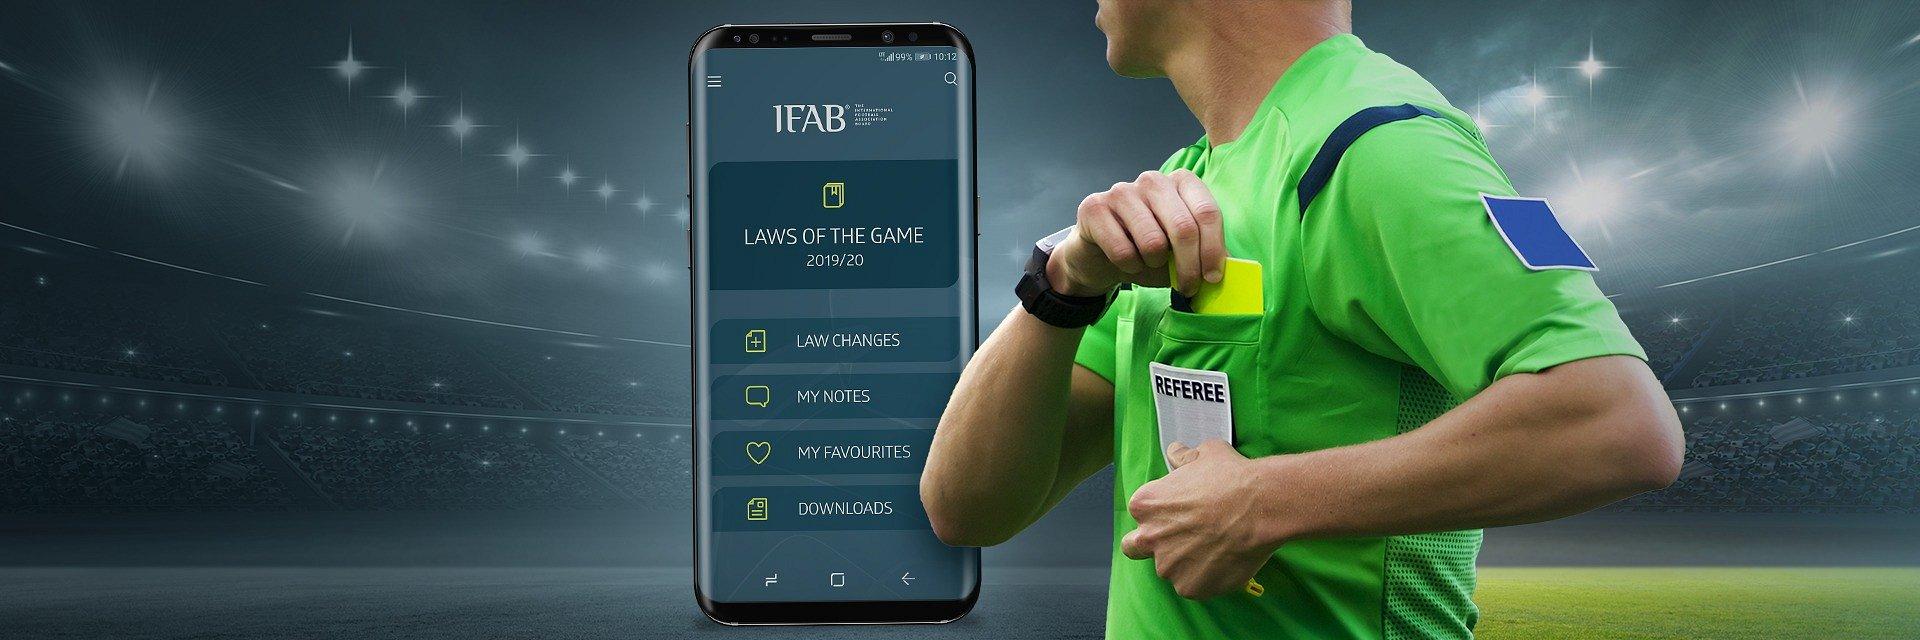 Piłka nożna: pierwsza w historii oficjalna aplikacja z Przepisami Gry